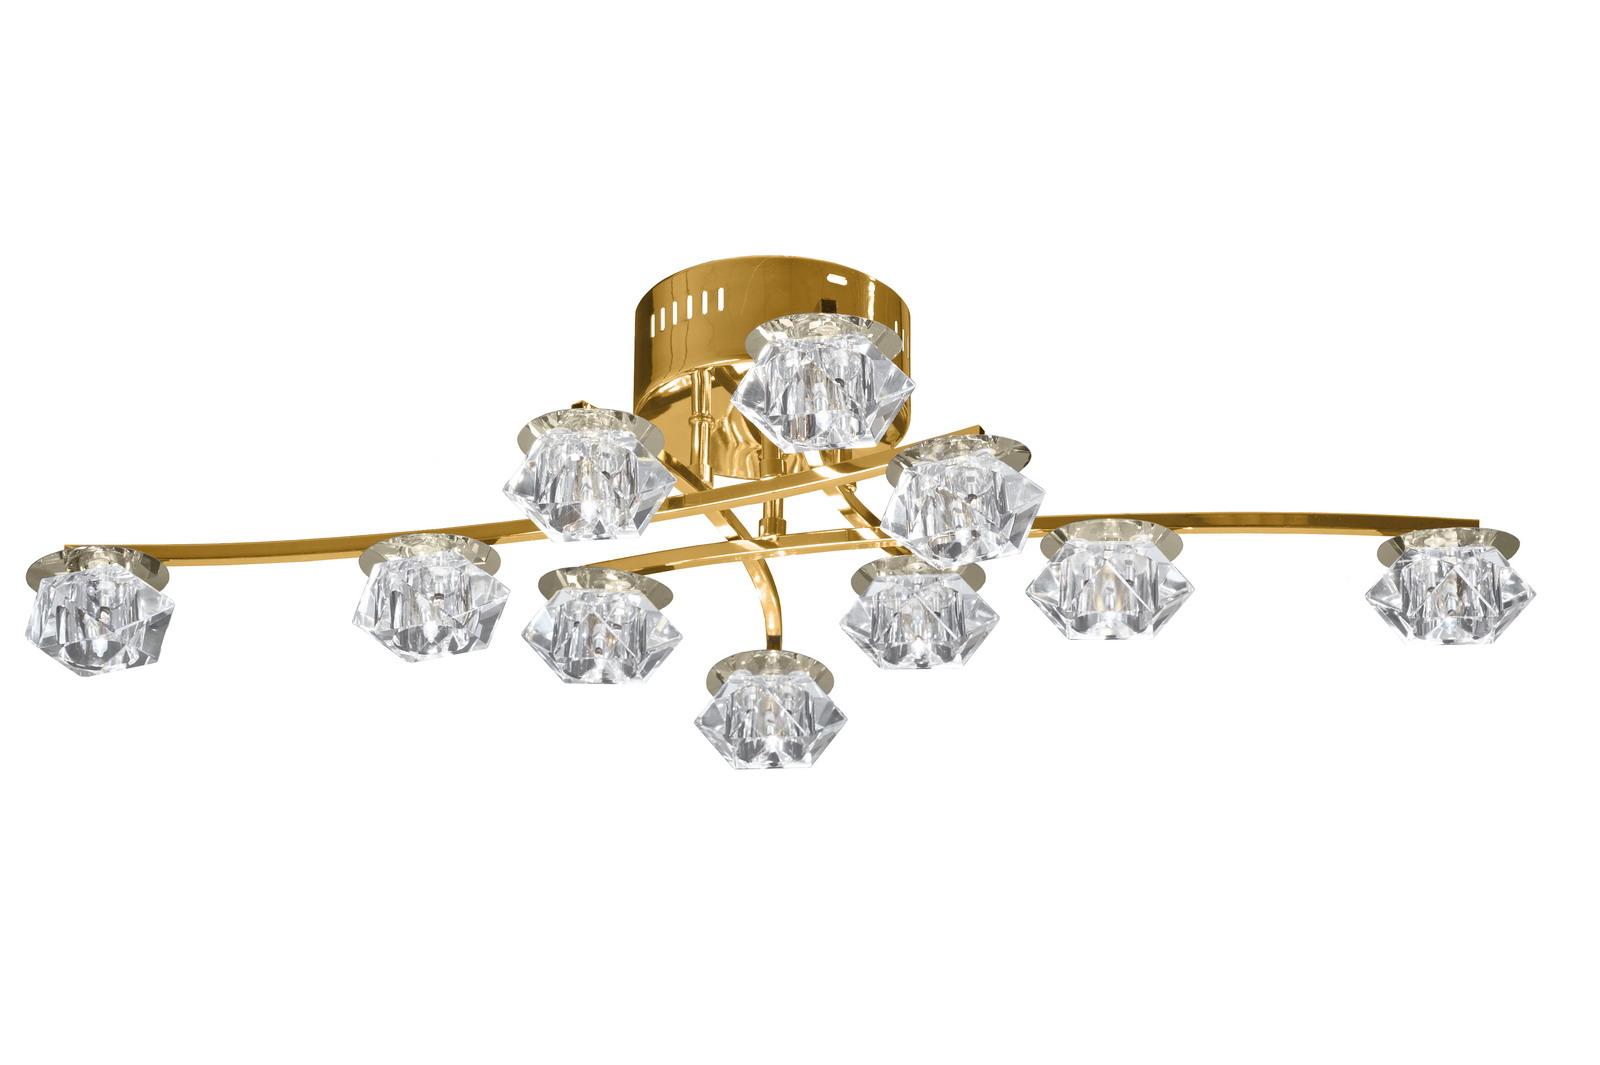 Люстра МАКСИСВЕТЛюстры<br>Назначение светильника: для гостиной,<br>Стиль светильника: модерн,<br>Тип: потолочная,<br>Материал светильника: металл, стекло,<br>Материал плафона: стекло,<br>Материал арматуры: металл,<br>Длина (мм): 850,<br>Ширина: 560,<br>Высота: 170,<br>Количество ламп: 10,<br>Тип лампы: галогенные и светодиодные,<br>Мощность: 20,<br>Патрон: G4,<br>Пульт ДУ: есть,<br>Цвет арматуры: золото<br>